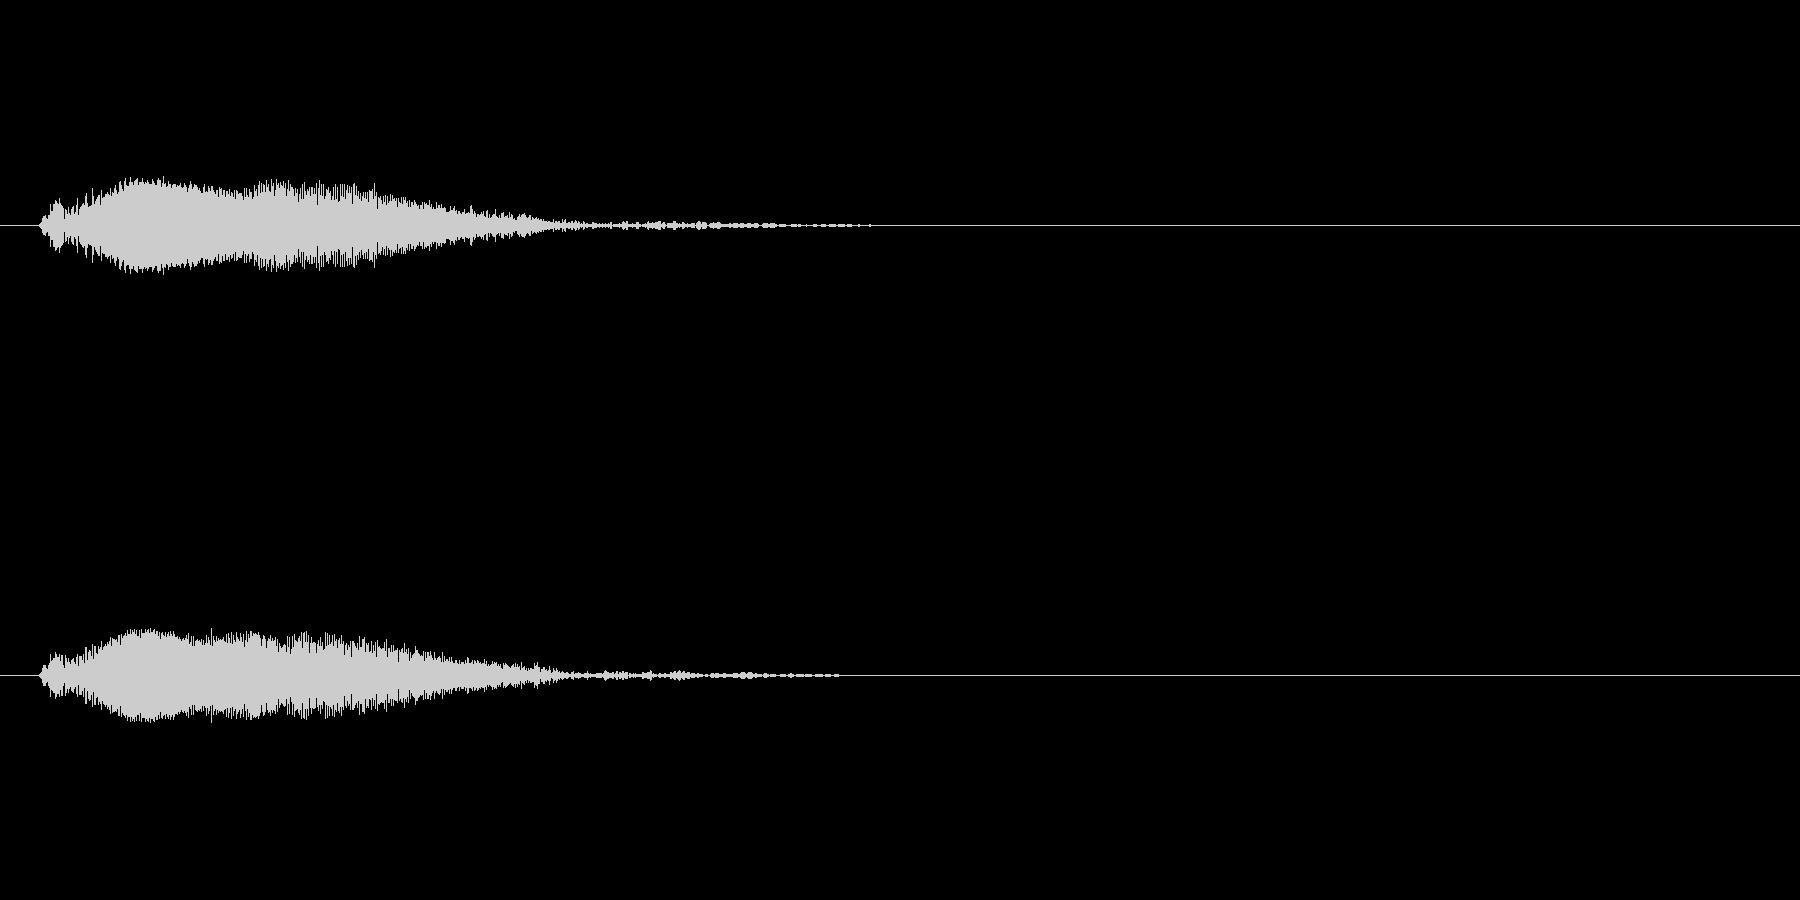 ポワーンというジャンプ/浮遊音(高音)の未再生の波形